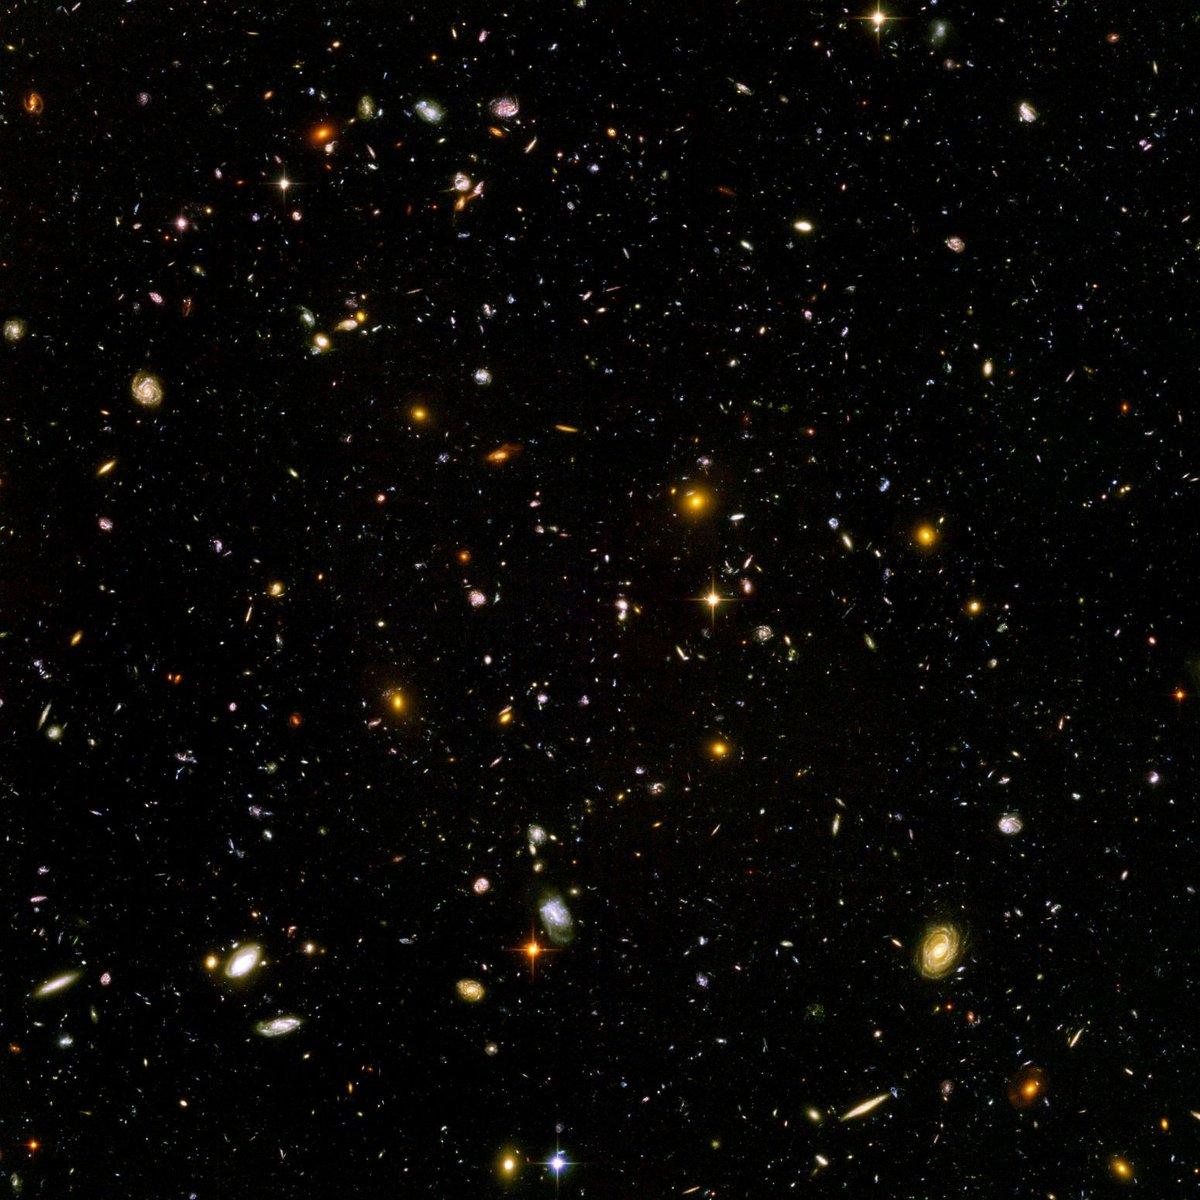 今週金曜12月4日夕方18時30分―20時、金曜天文講話。太田耕司さん(京大理宇宙物理・教授)、講演「宇宙の果てで銀河を探すっ」。銀河観測の最先端の話。まだ申込者数が14人!奮ってご参加ください。オンラインで日本中、世界中から参加可能です。